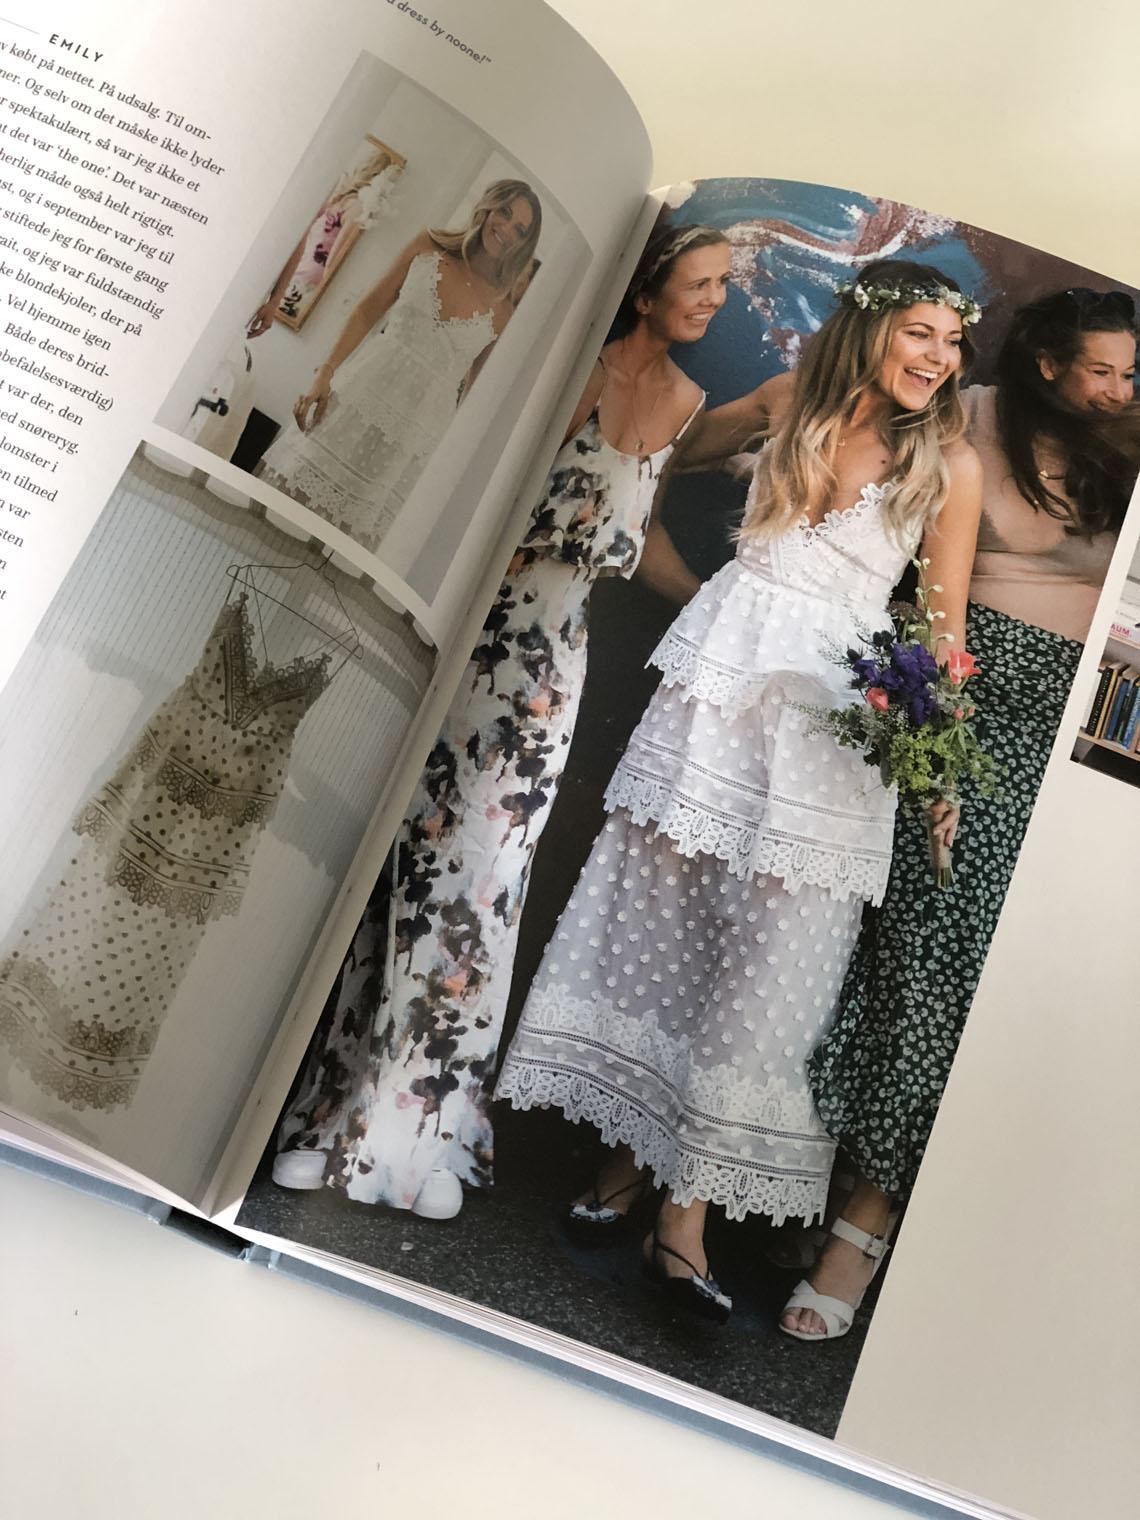 e433d01fbdcc Cathrine bryllup var et skønt mix med vielse i deres lokale kirke og  reception med Tivoli-stemning i deres baggråd. Festen blev holdt for den  nærmeste ...